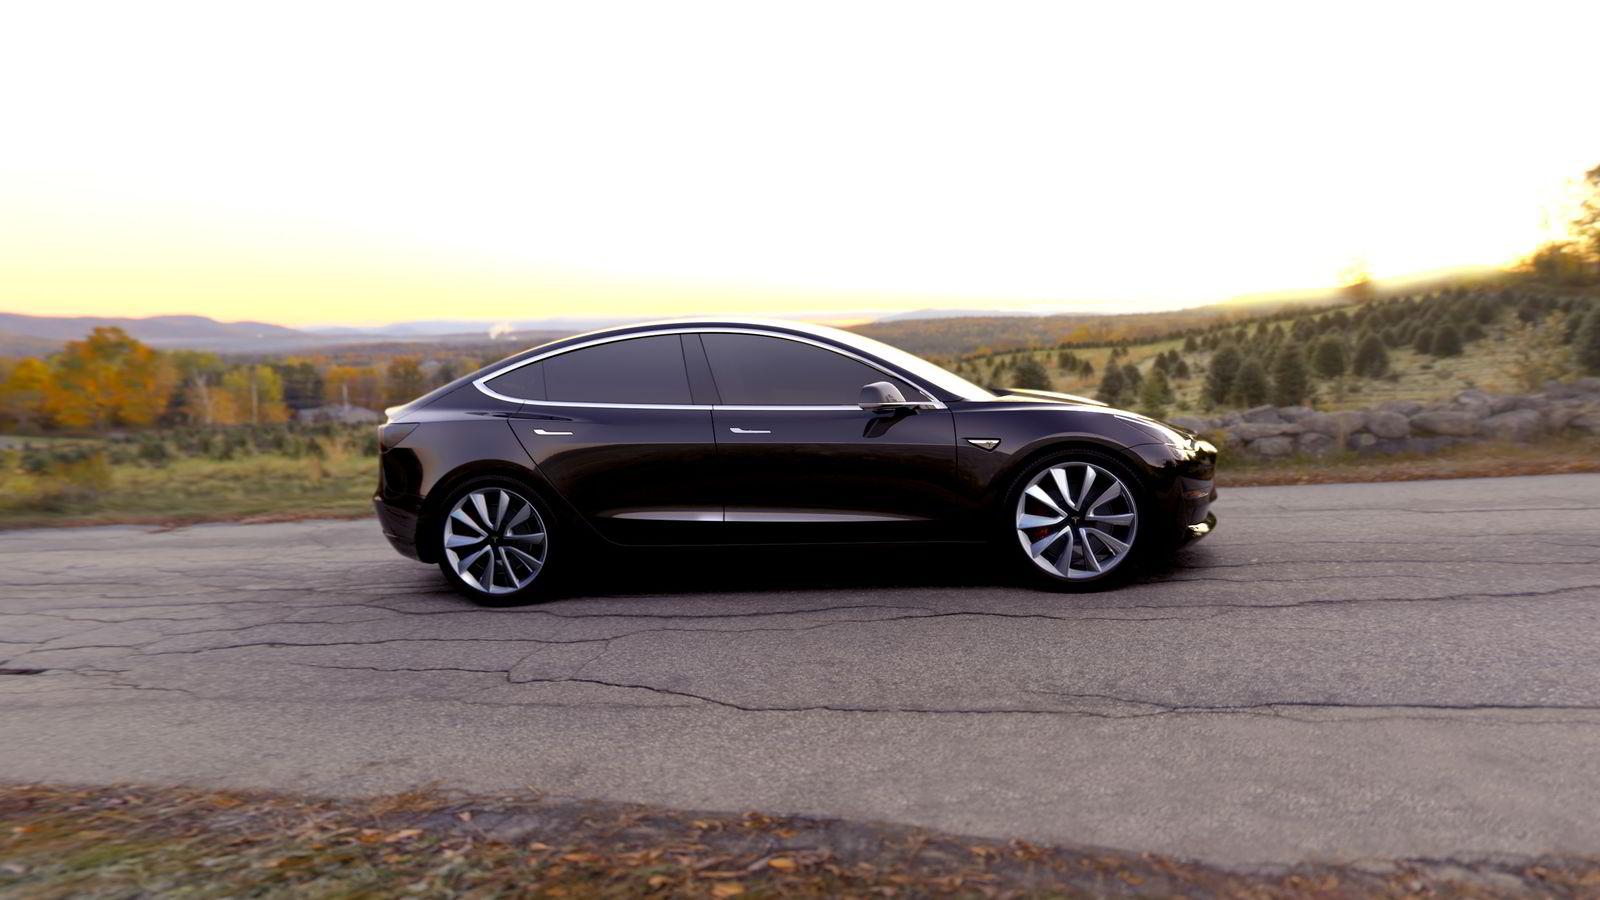 «HISTORISK LANSERING». Reservasjonene av Model 3 slår alle forventninger. Allerede har det gitt Tesla en kontantstrøm på nær 3 milliarder kroner. Pressefoto Tesla Motors.